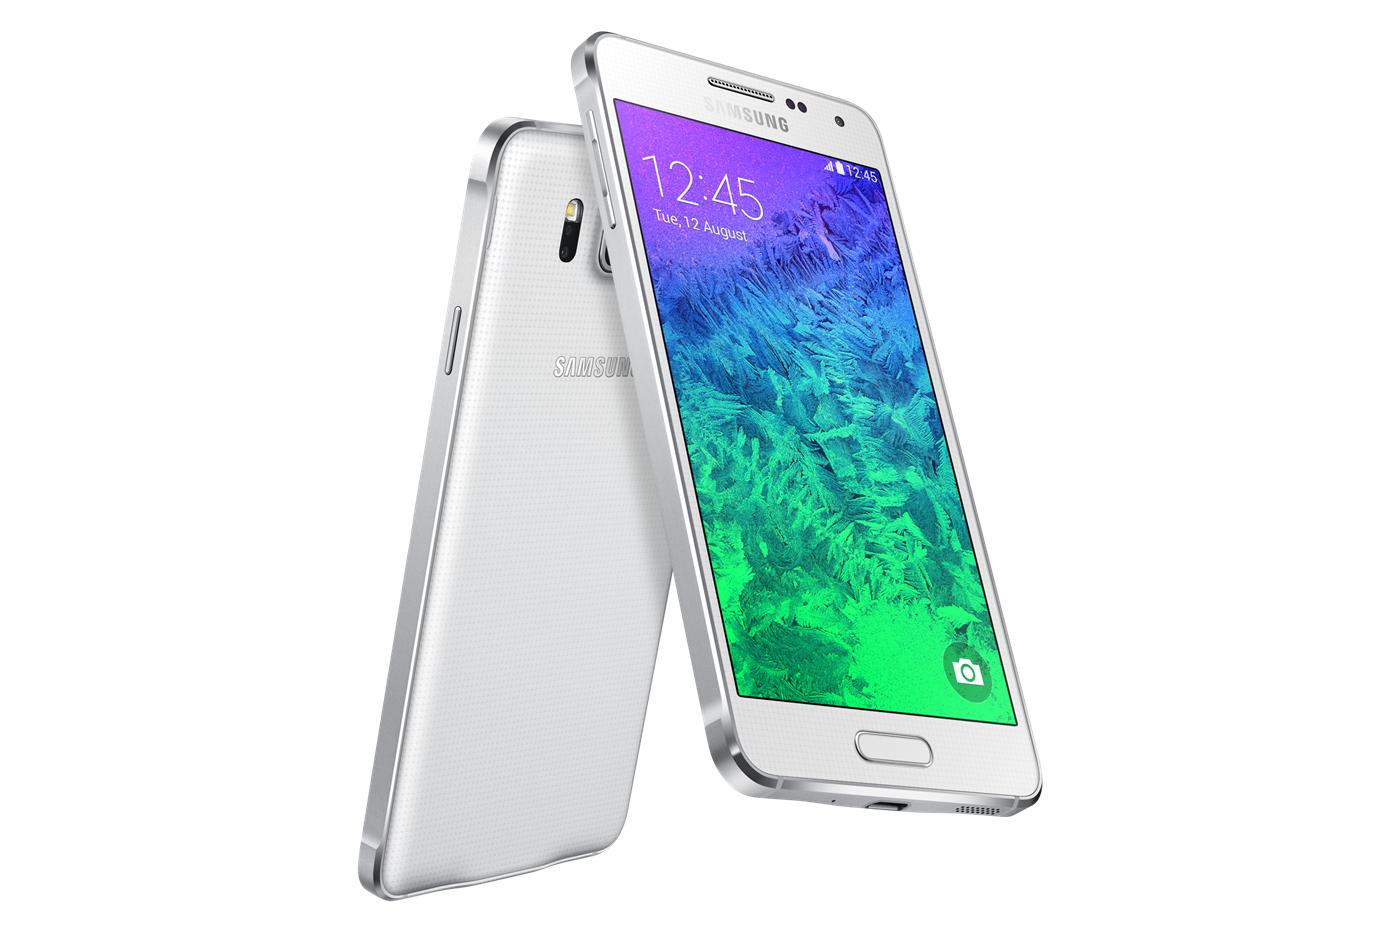 Le Galaxy Alpha de Samsung serait remplacé par le Galaxy A5 en janvier prochain